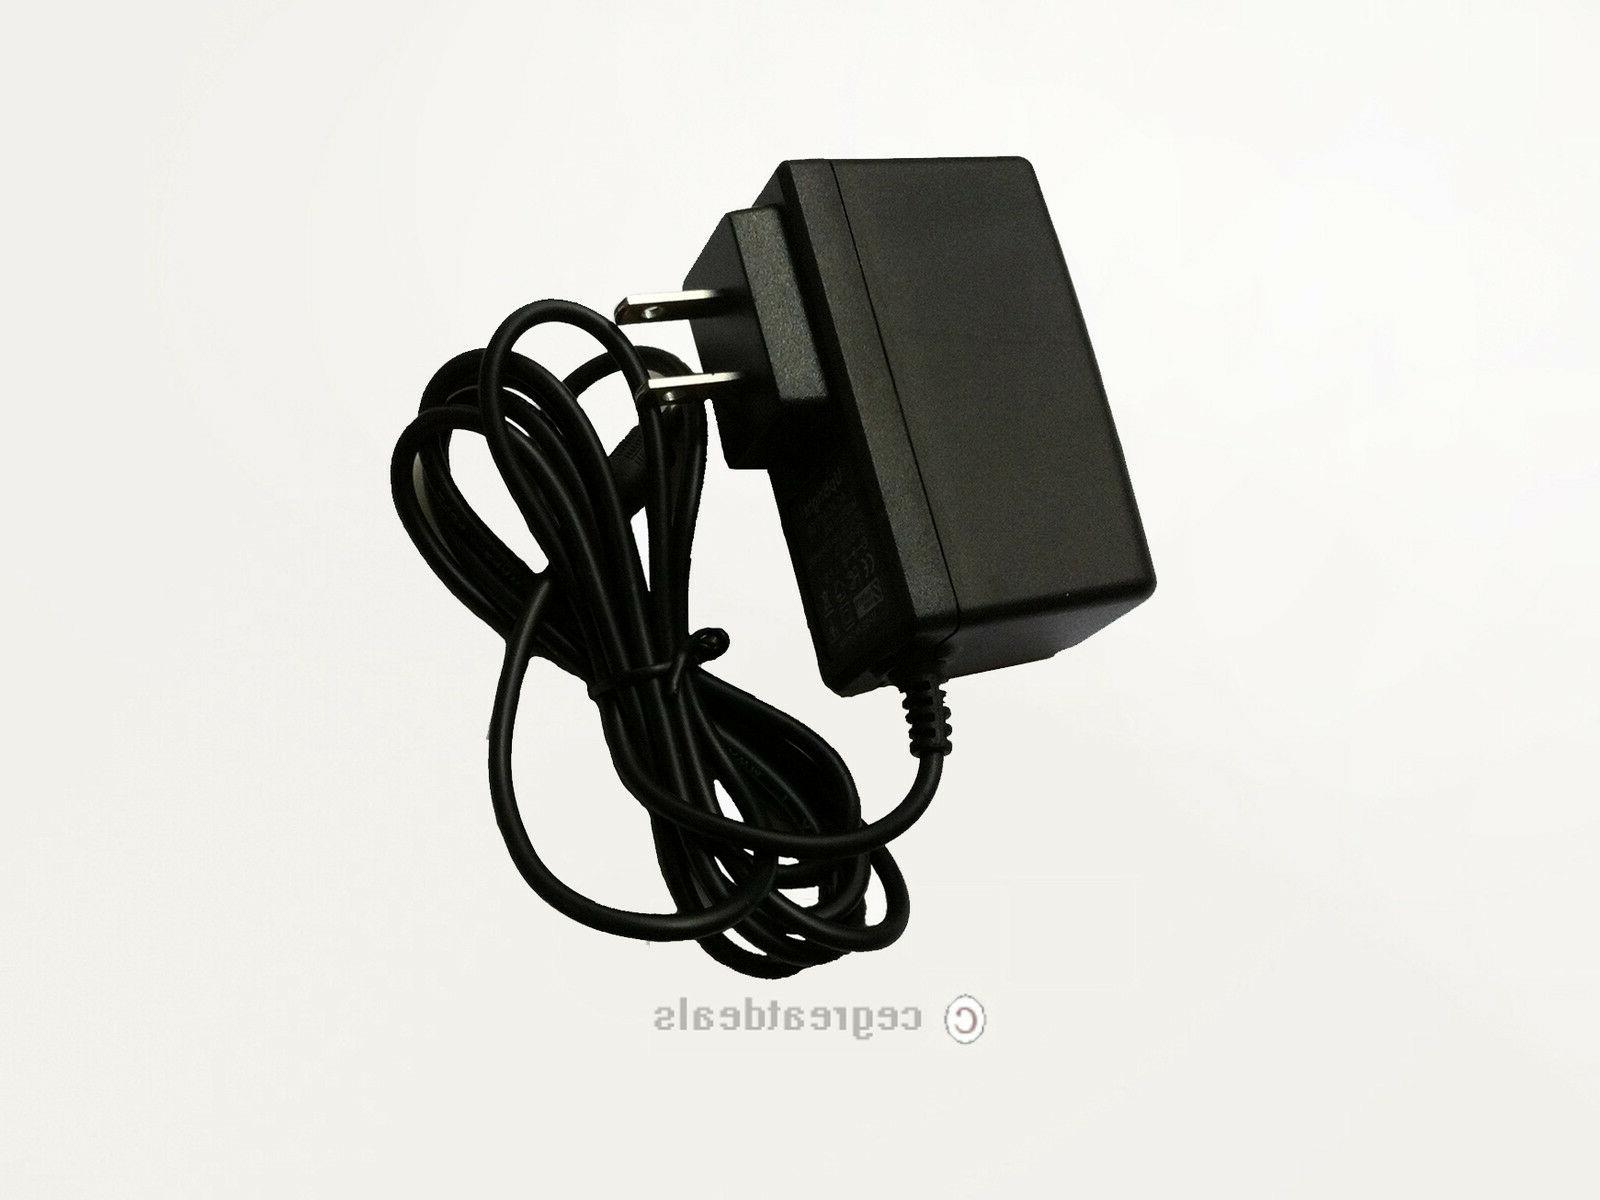 AC Ultratec Miniprint 225 Hearing